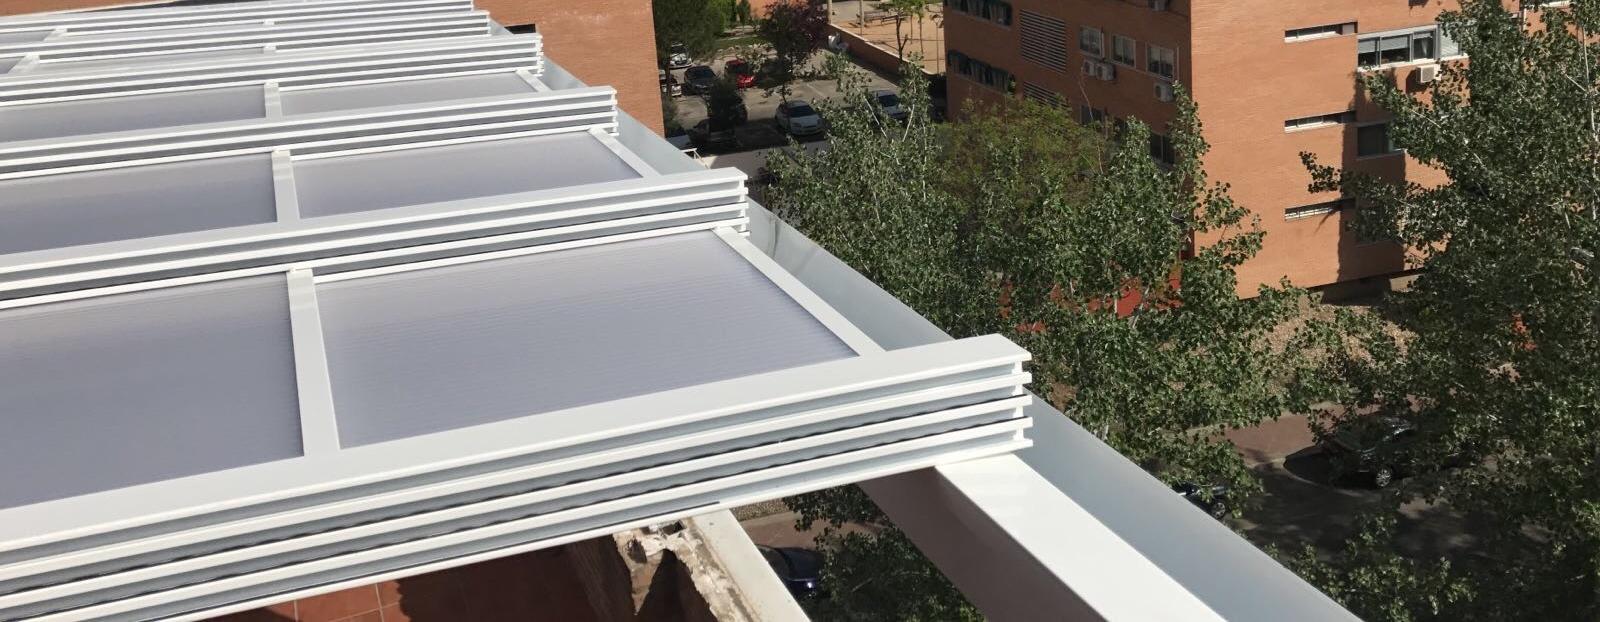 Fabricaci n de techos m viles para terrazas en madrid sistalumin - Techos moviles para terrazas ...